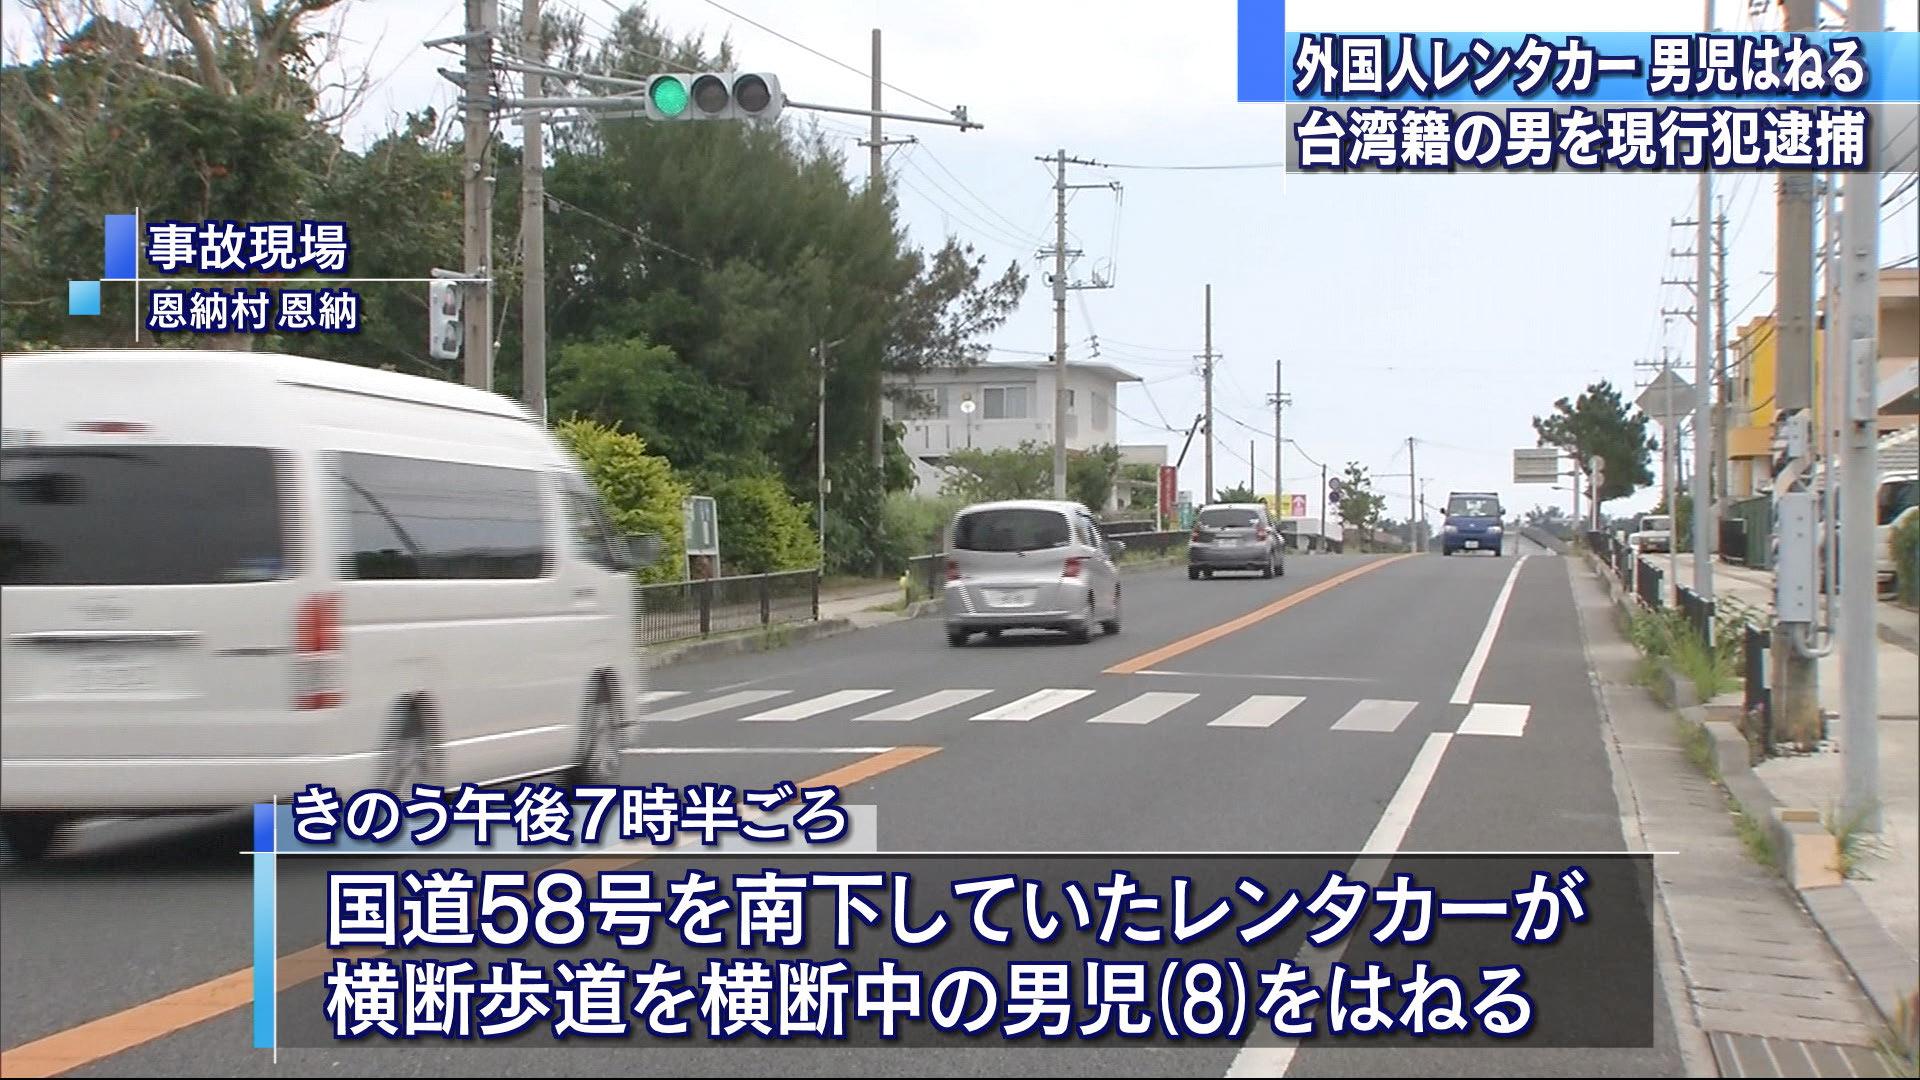 外国人レンタカーによる事故 小学生が重傷